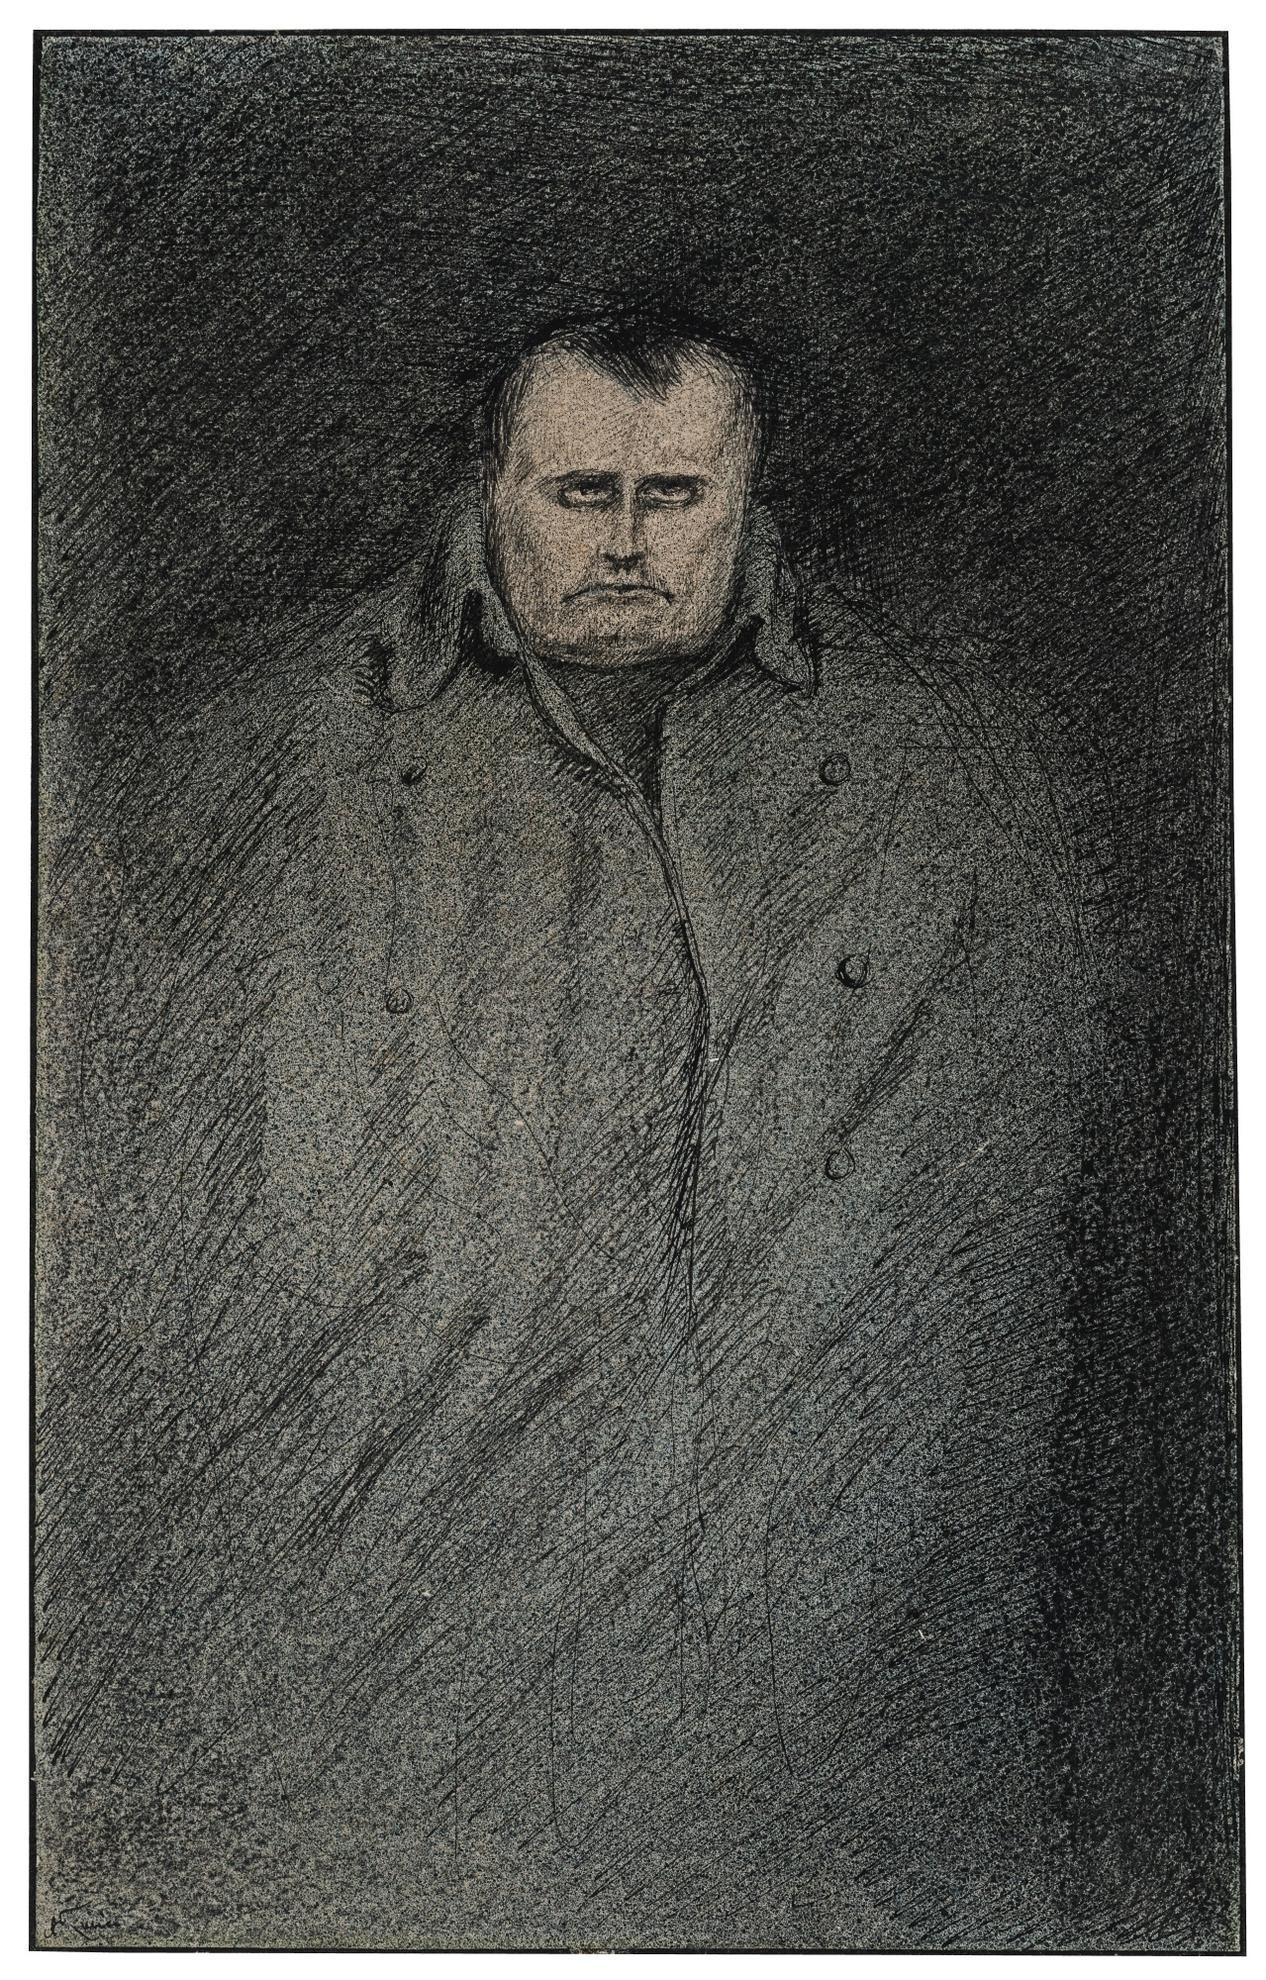 Alfred Kubin-Napoleon-1903